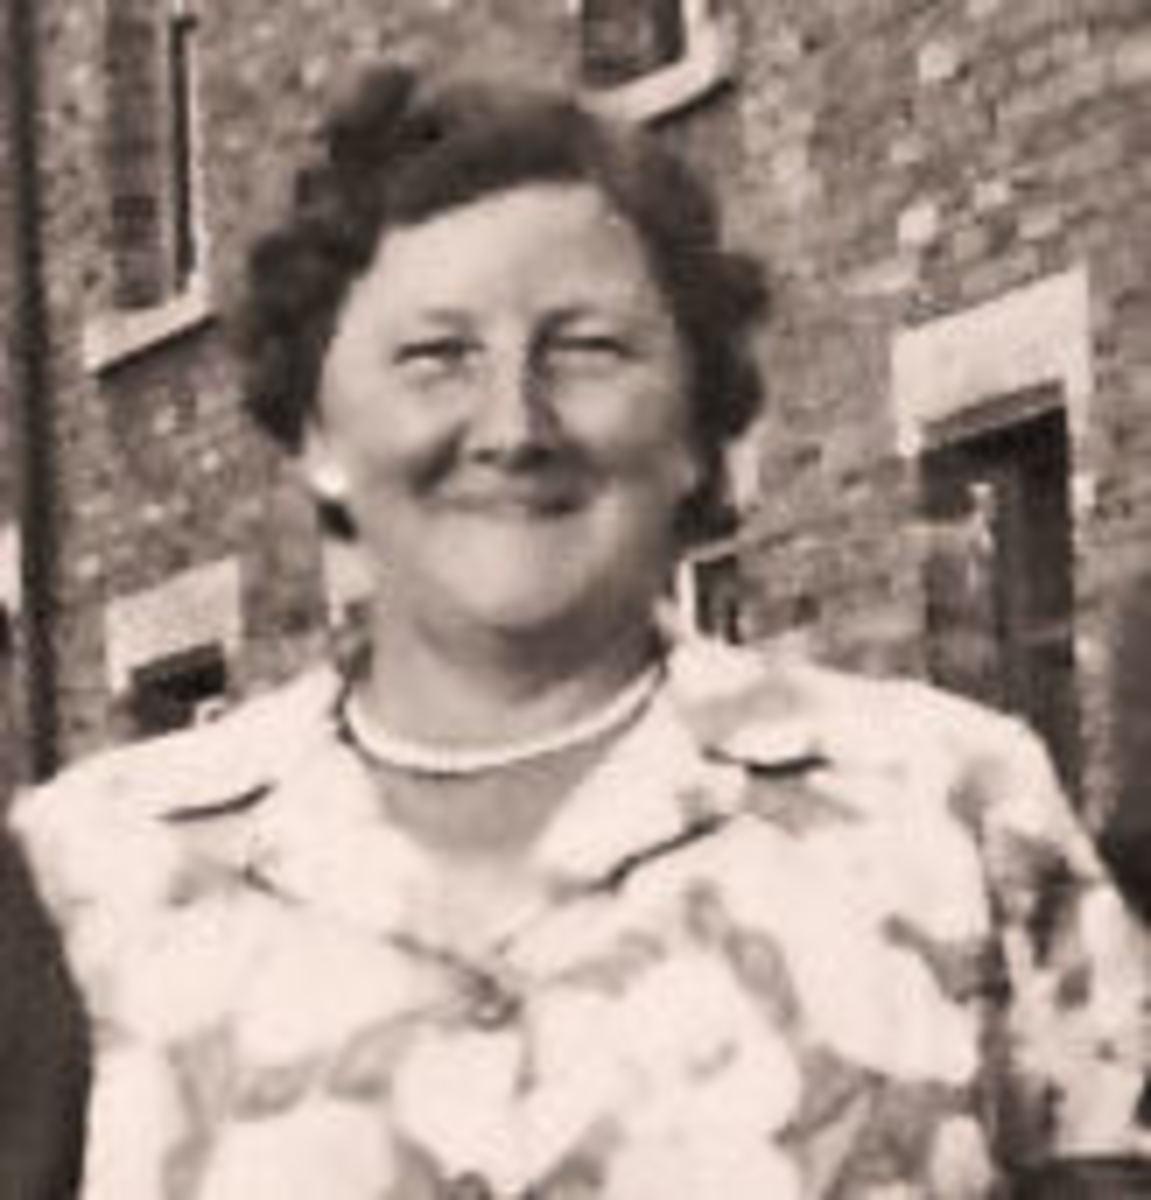 My great Aunty Jenny